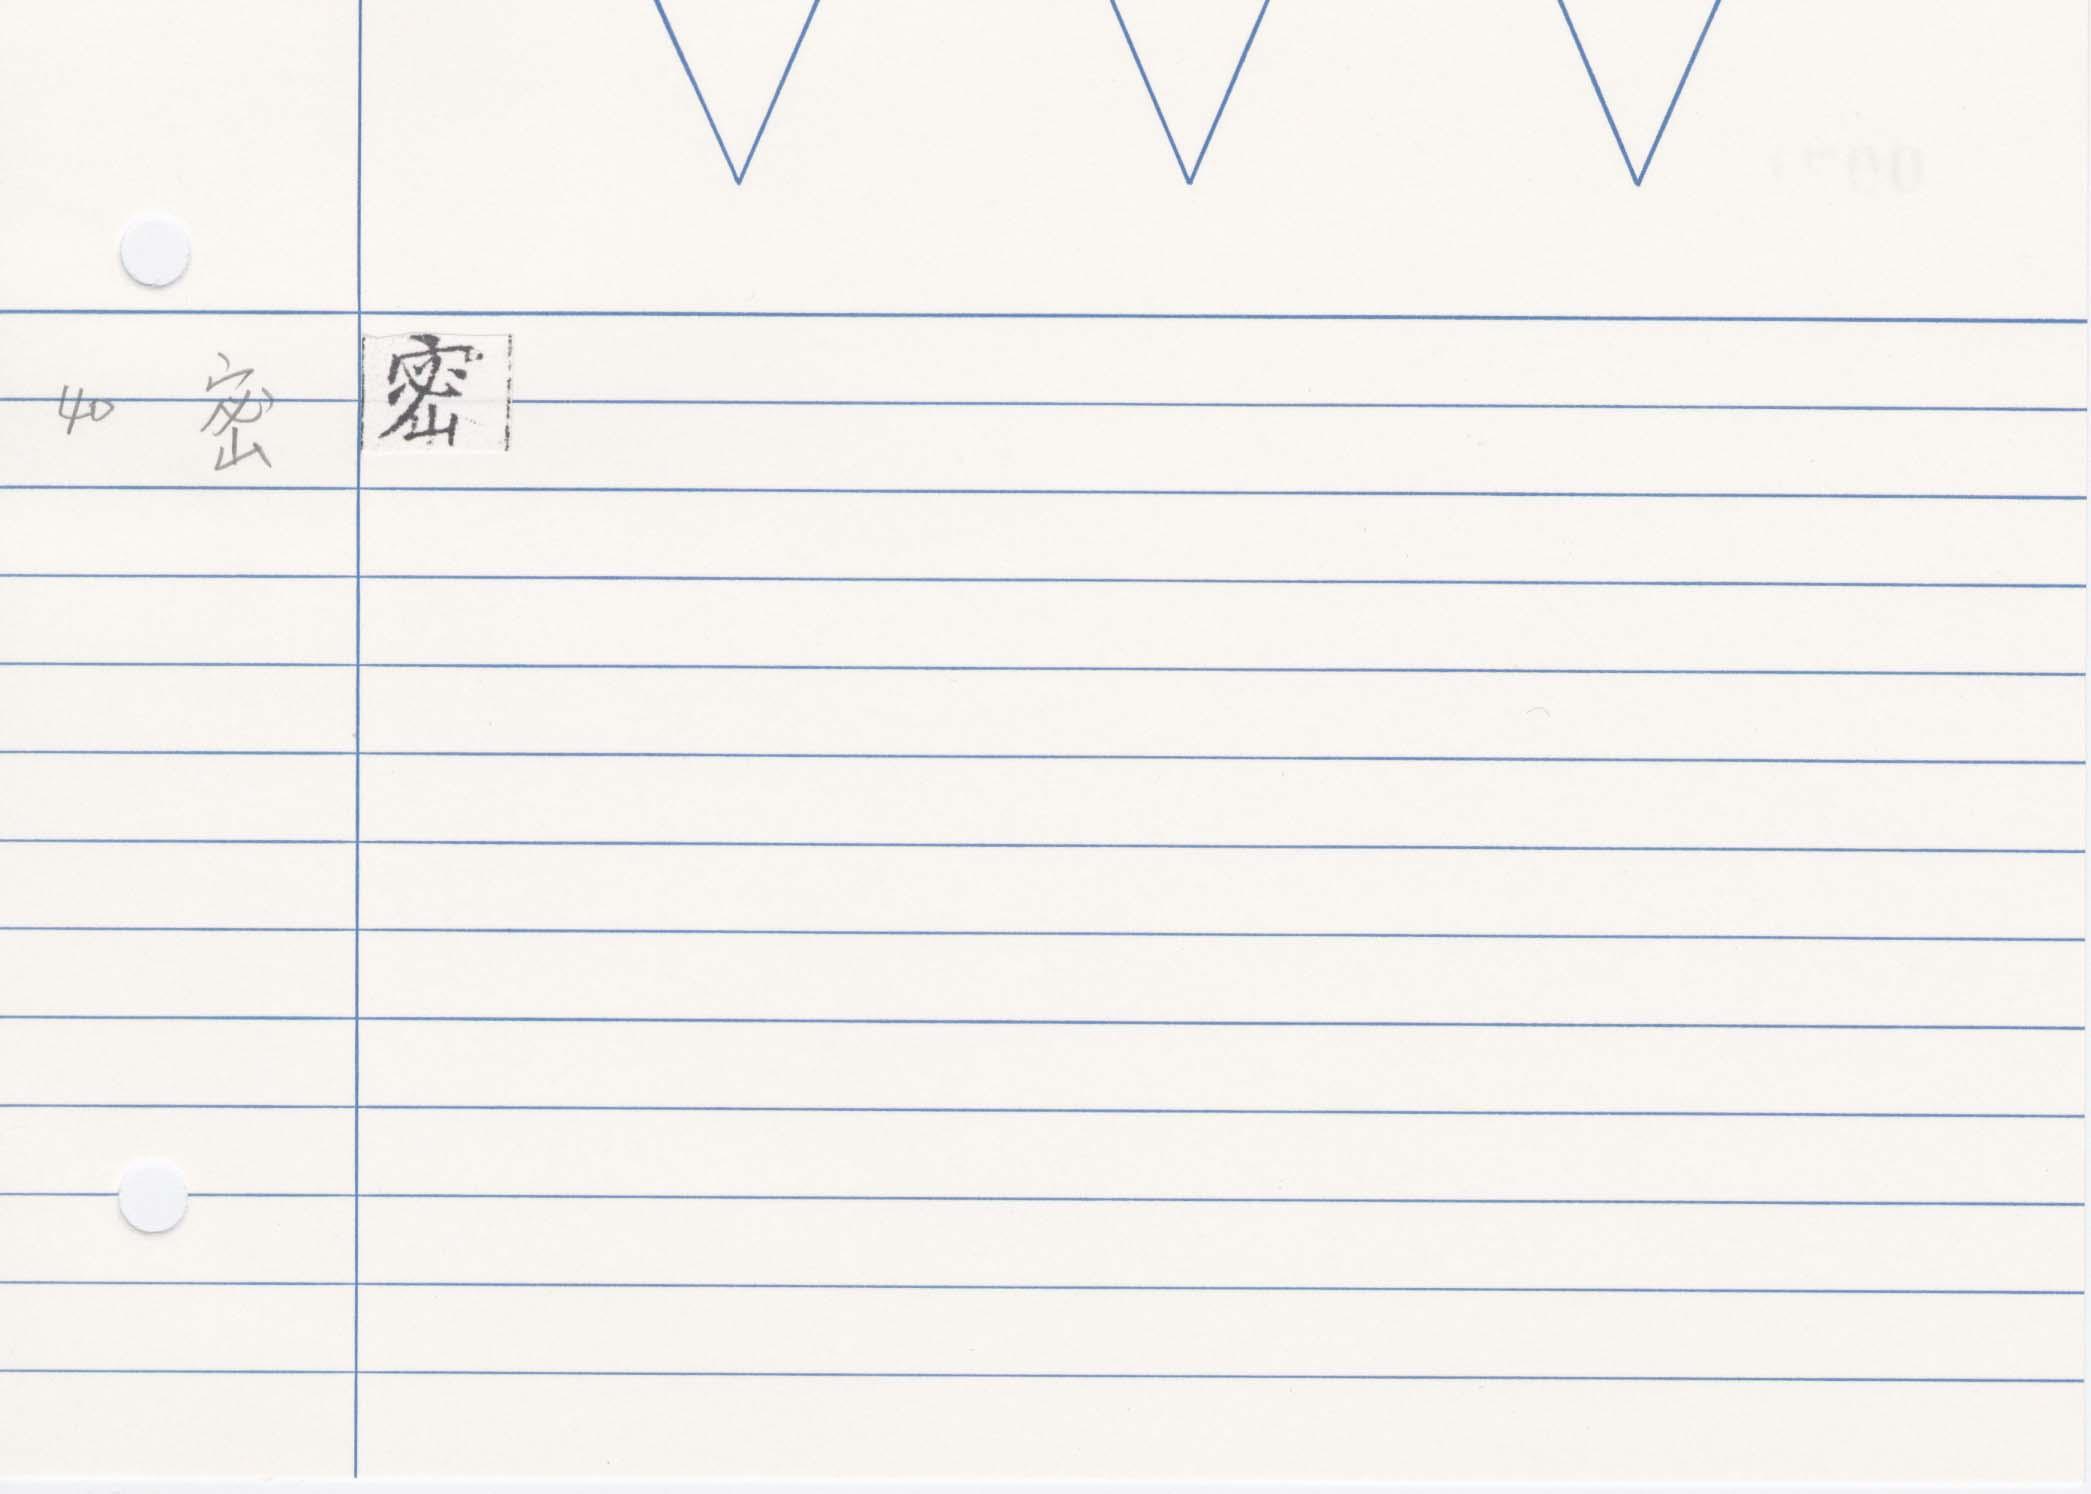 26_齊民要術卷五(高山寺本)/cards/0071.jpg